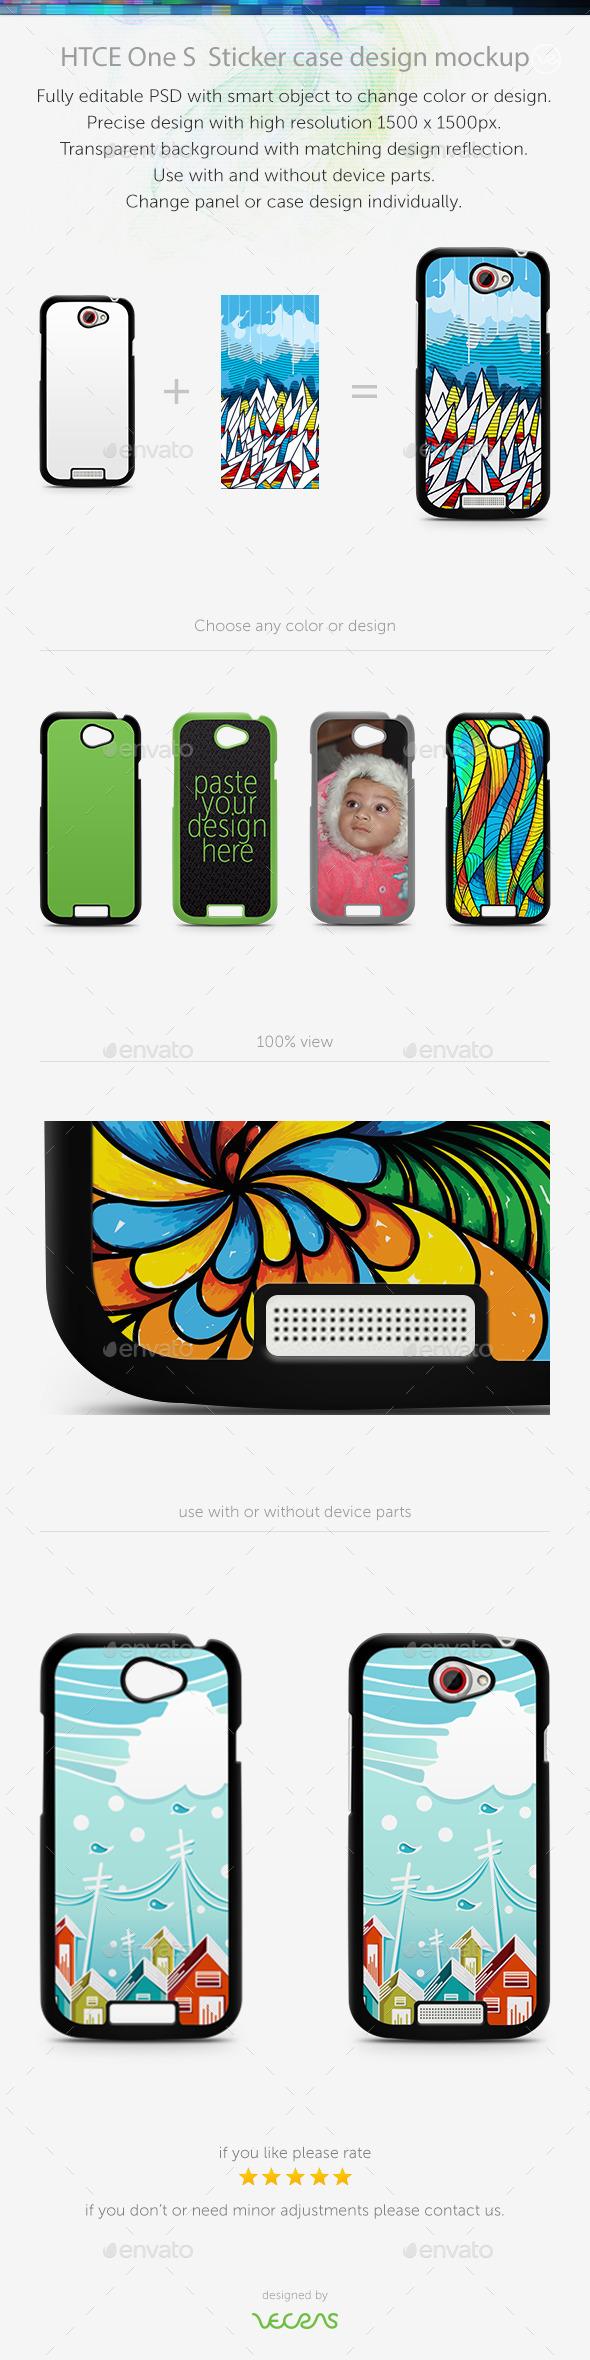 HTCE One S Sticker Case Design Mockup - Mobile Displays